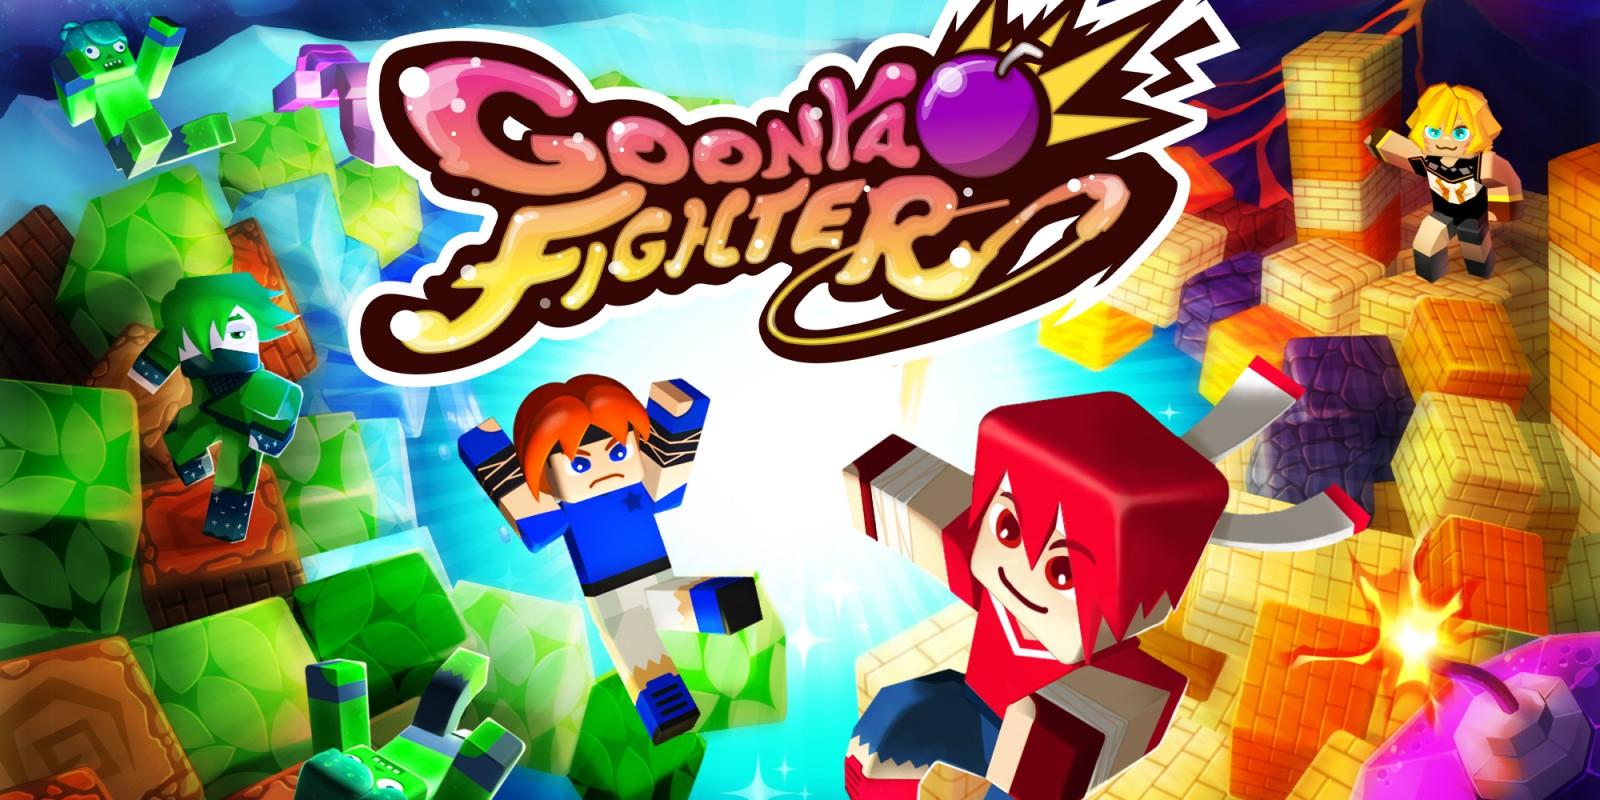 Goonya Fighter Nintendo E-shop Partygame